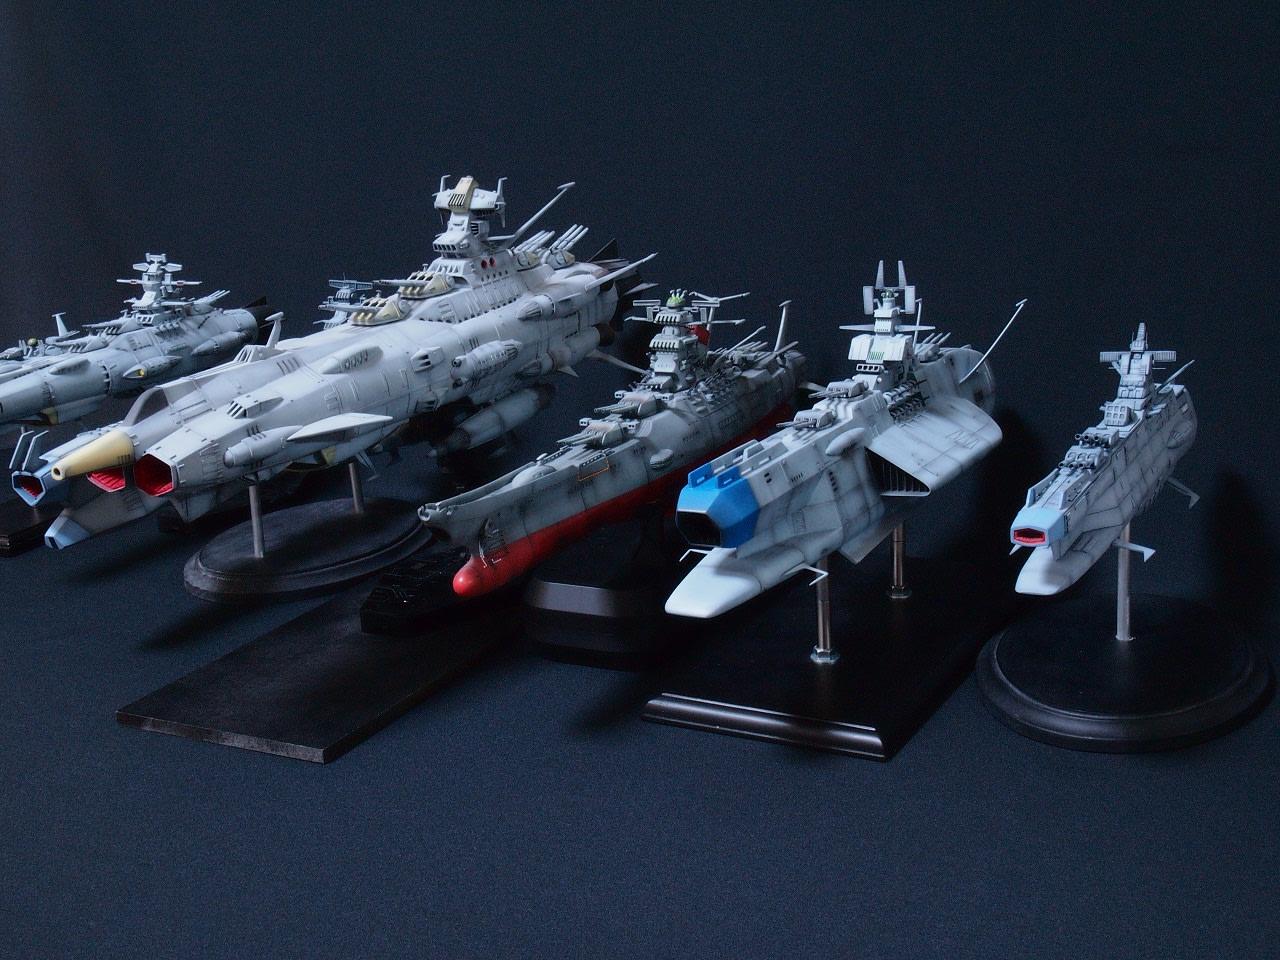 宇宙戦艦ヤマトIII - Space Battleship Yamato IIIForgot Password